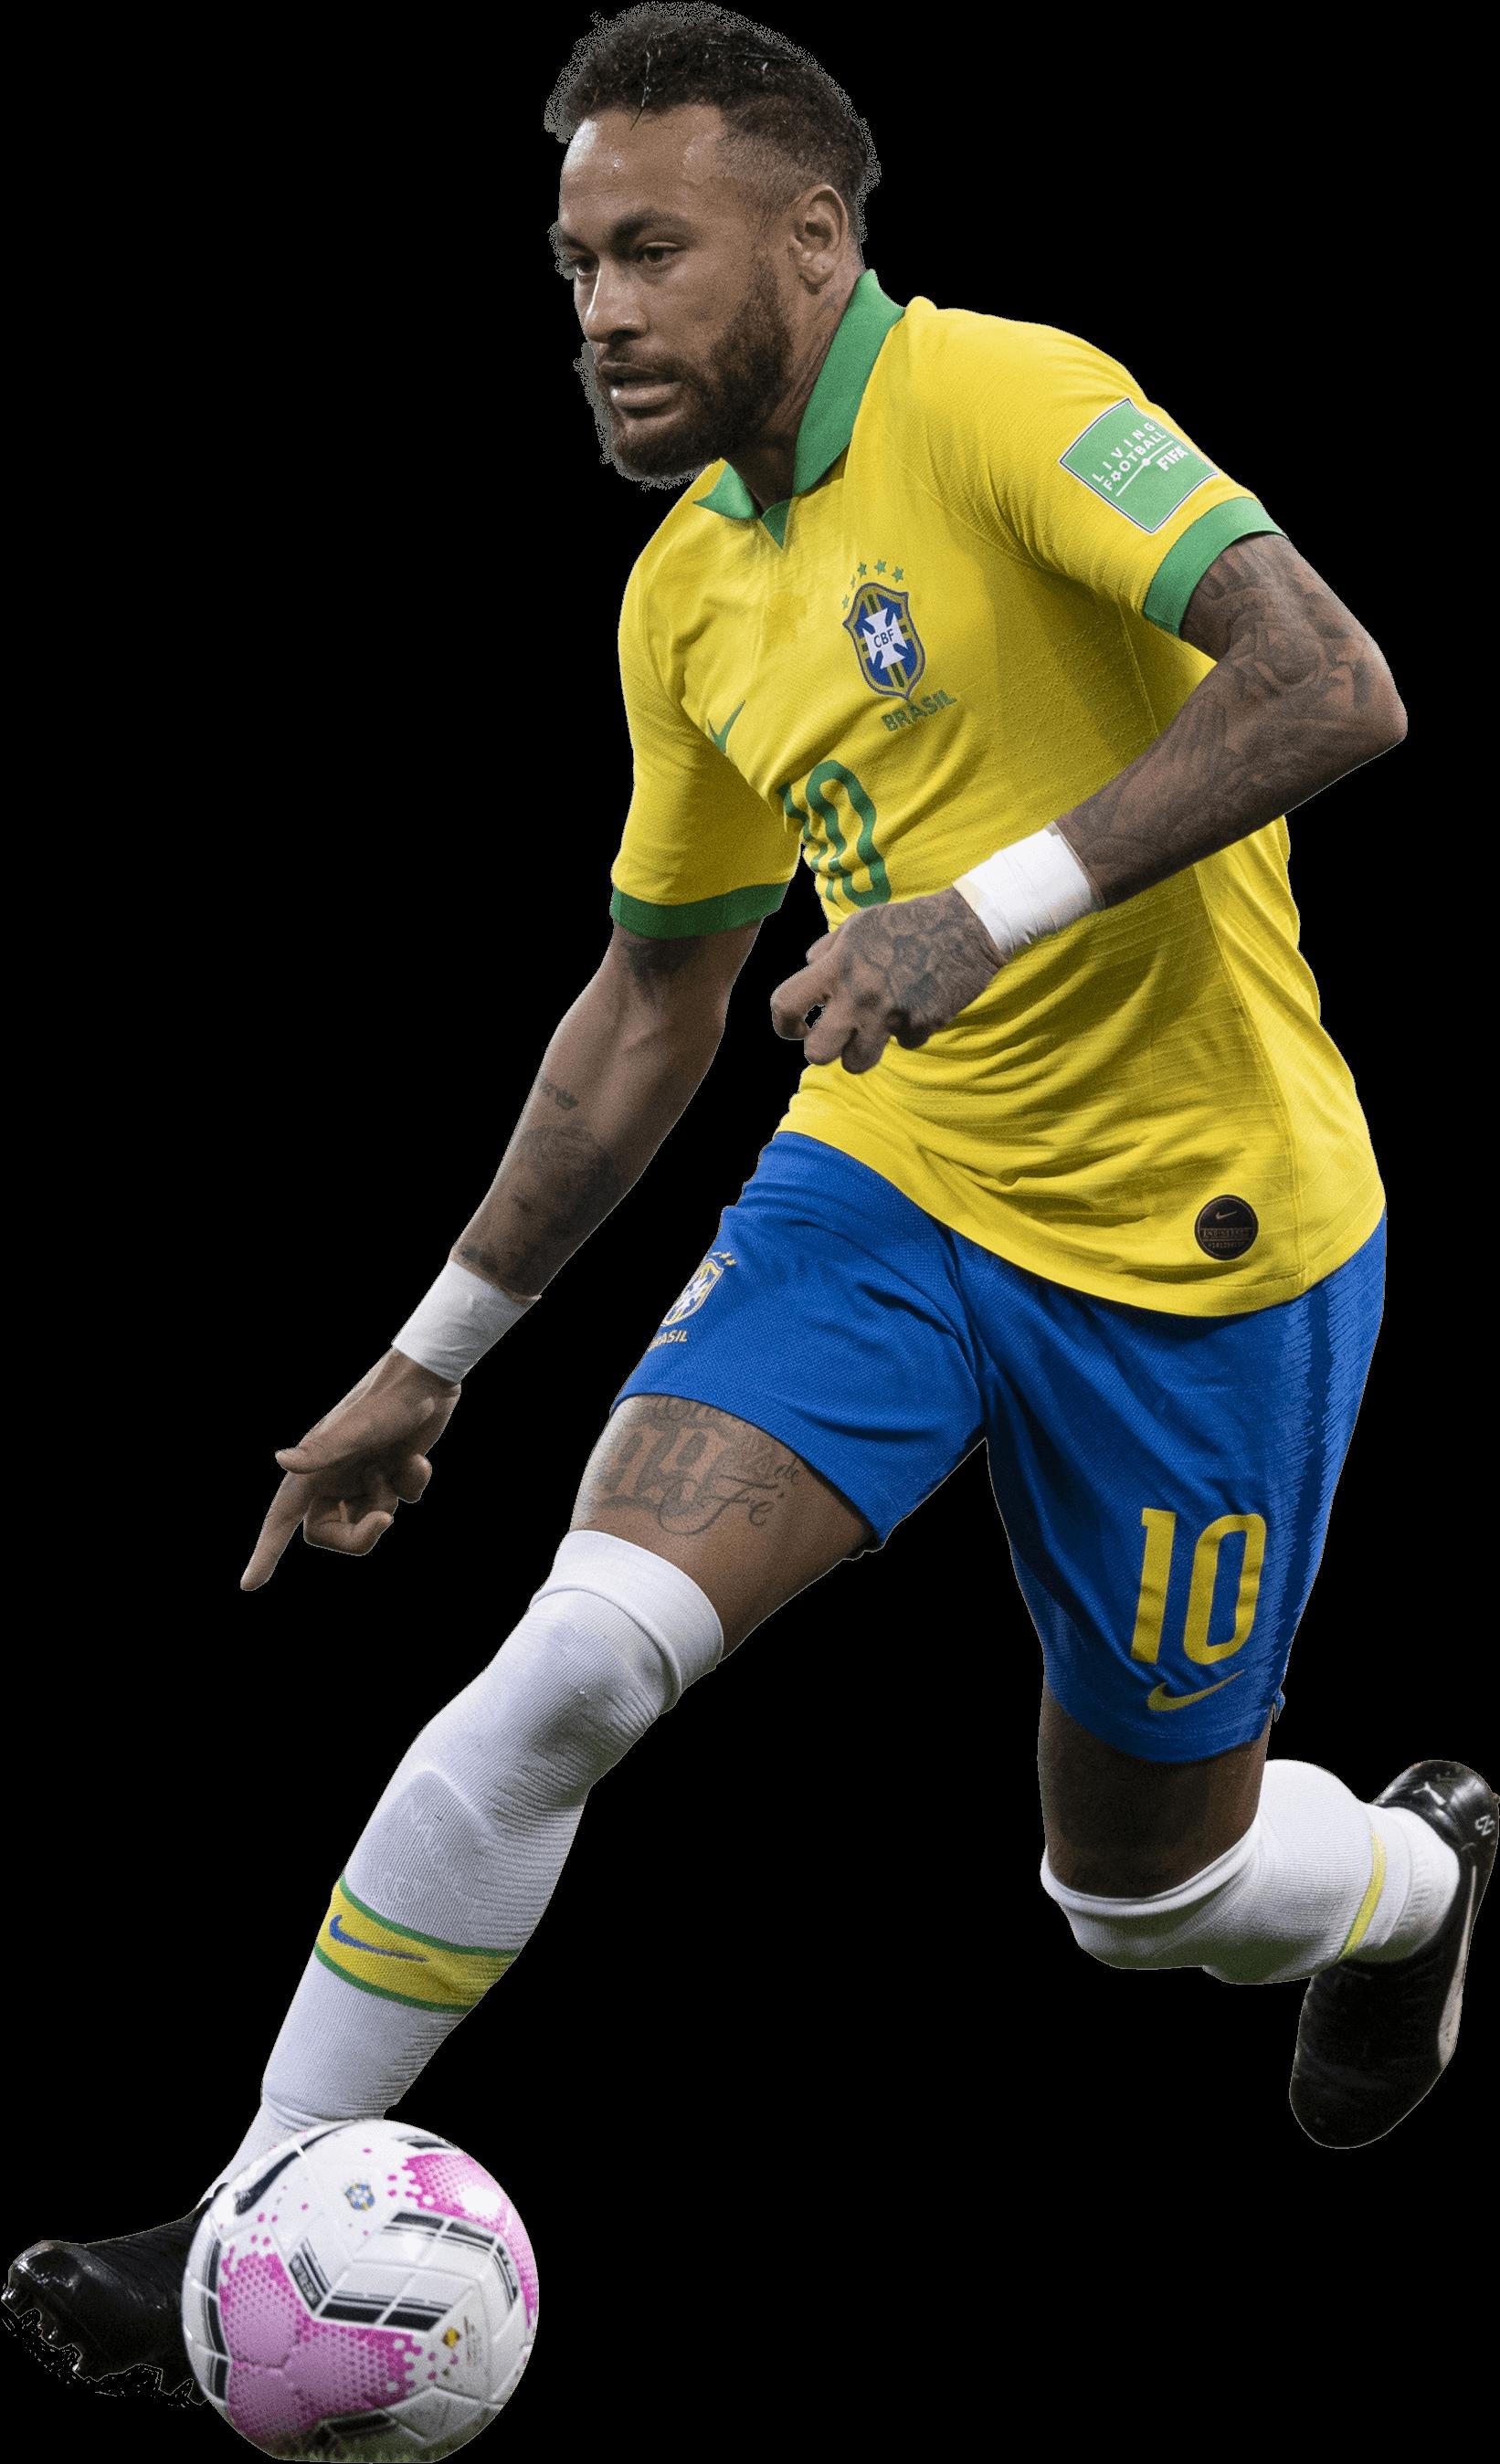 Neymar football render - 72450 - FootyRenders